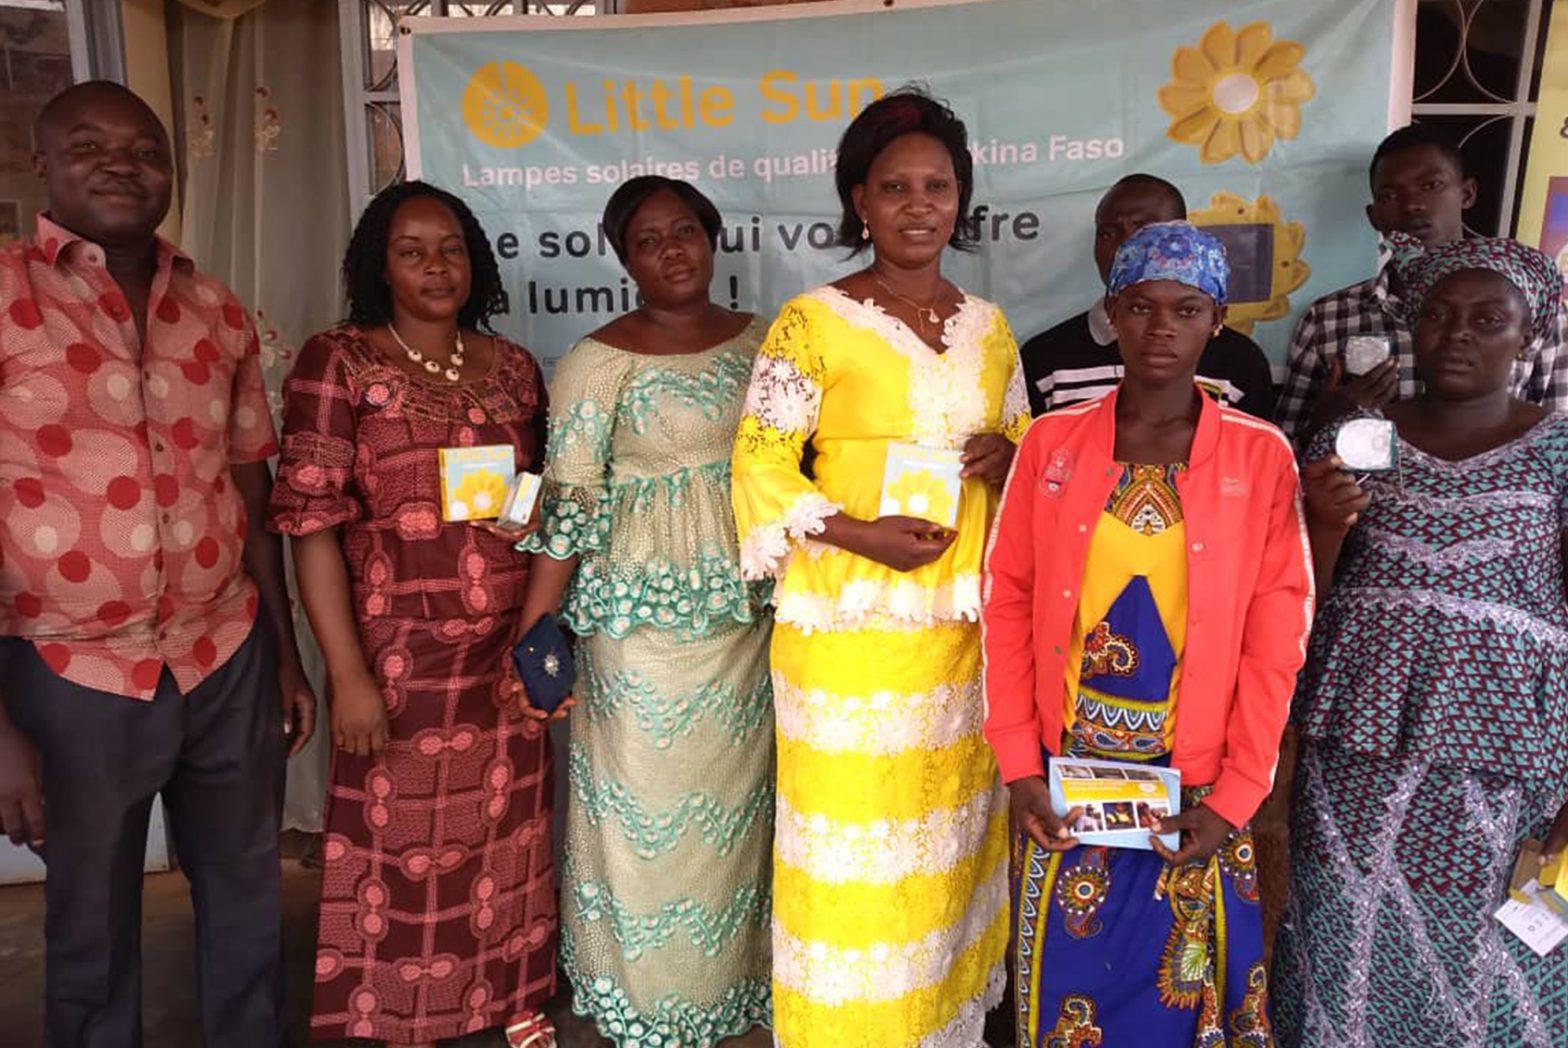 Burkina Faso Sales Little Sun